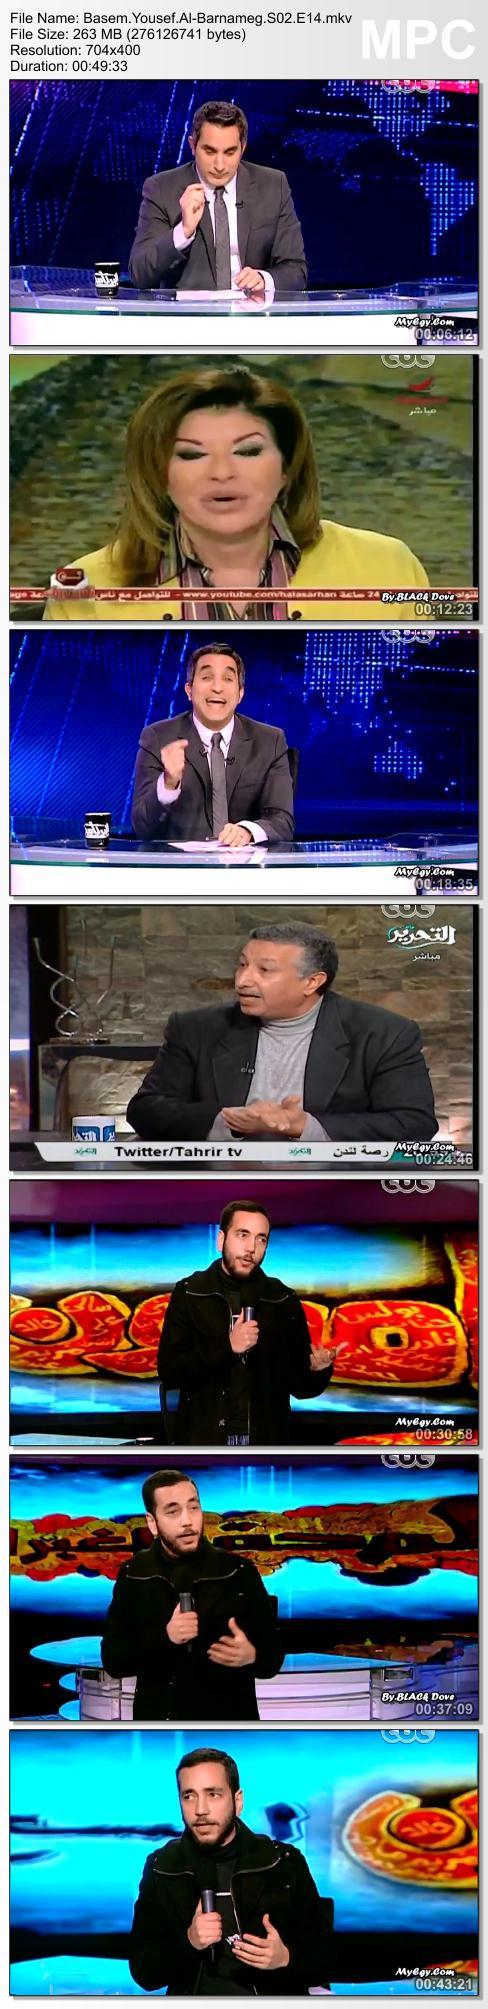 حصريا تحميل برنامج البرنامج - باسم يوسف - الموسم الثاني - الحلقة الرابعة عشر Basem_10